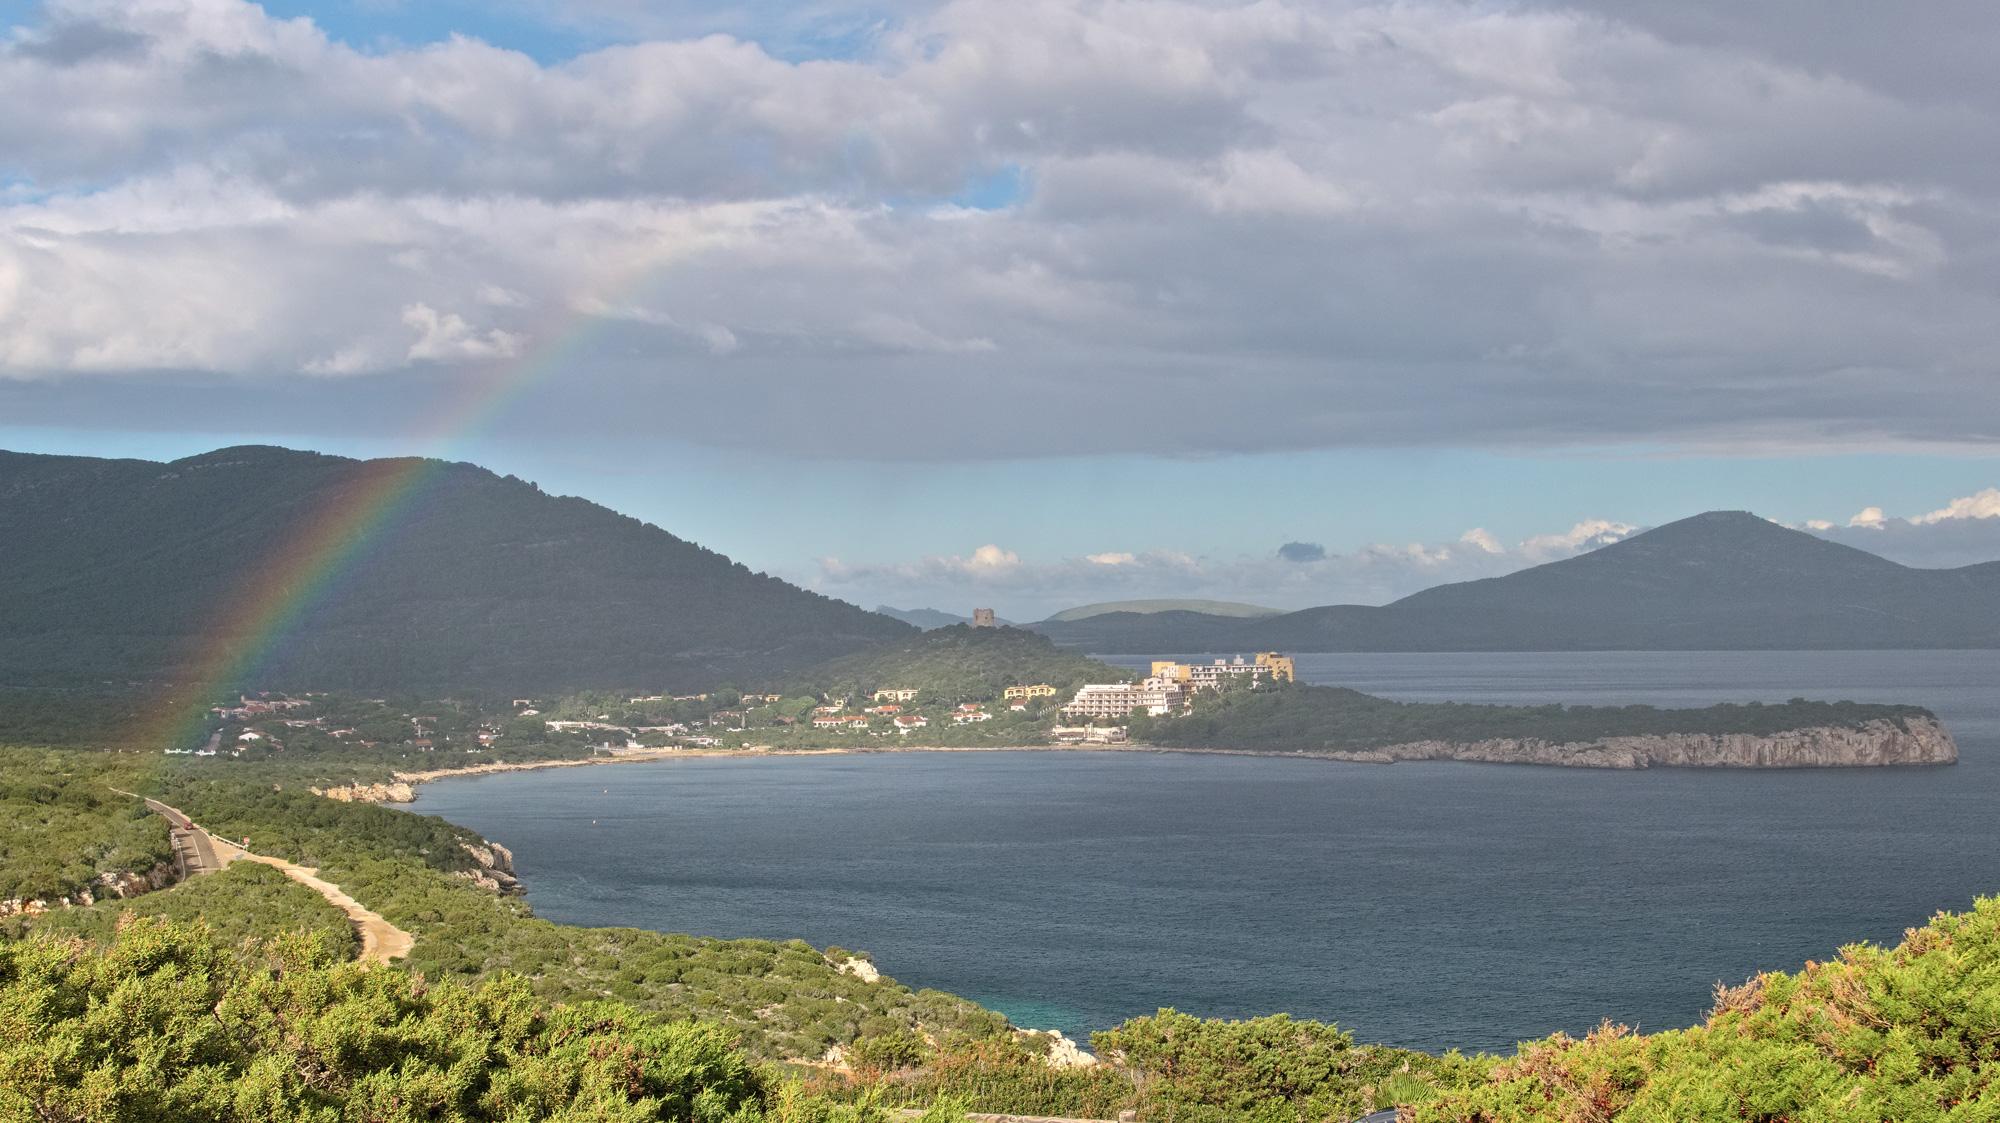 Regenbogen auf dem Capo Caccia